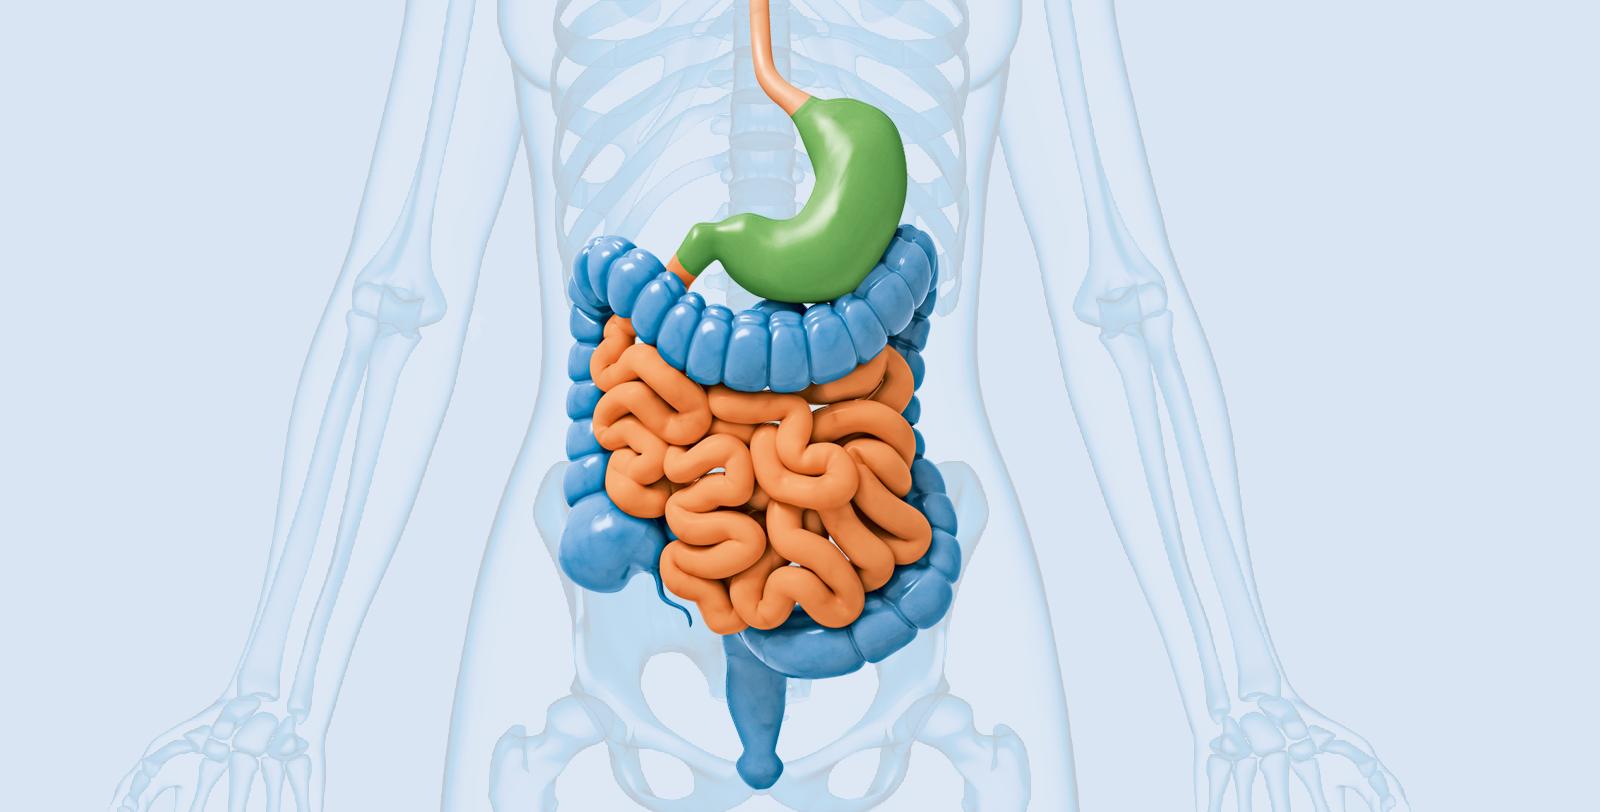 Gesunde Verdauung oder Verdauungsstörung?